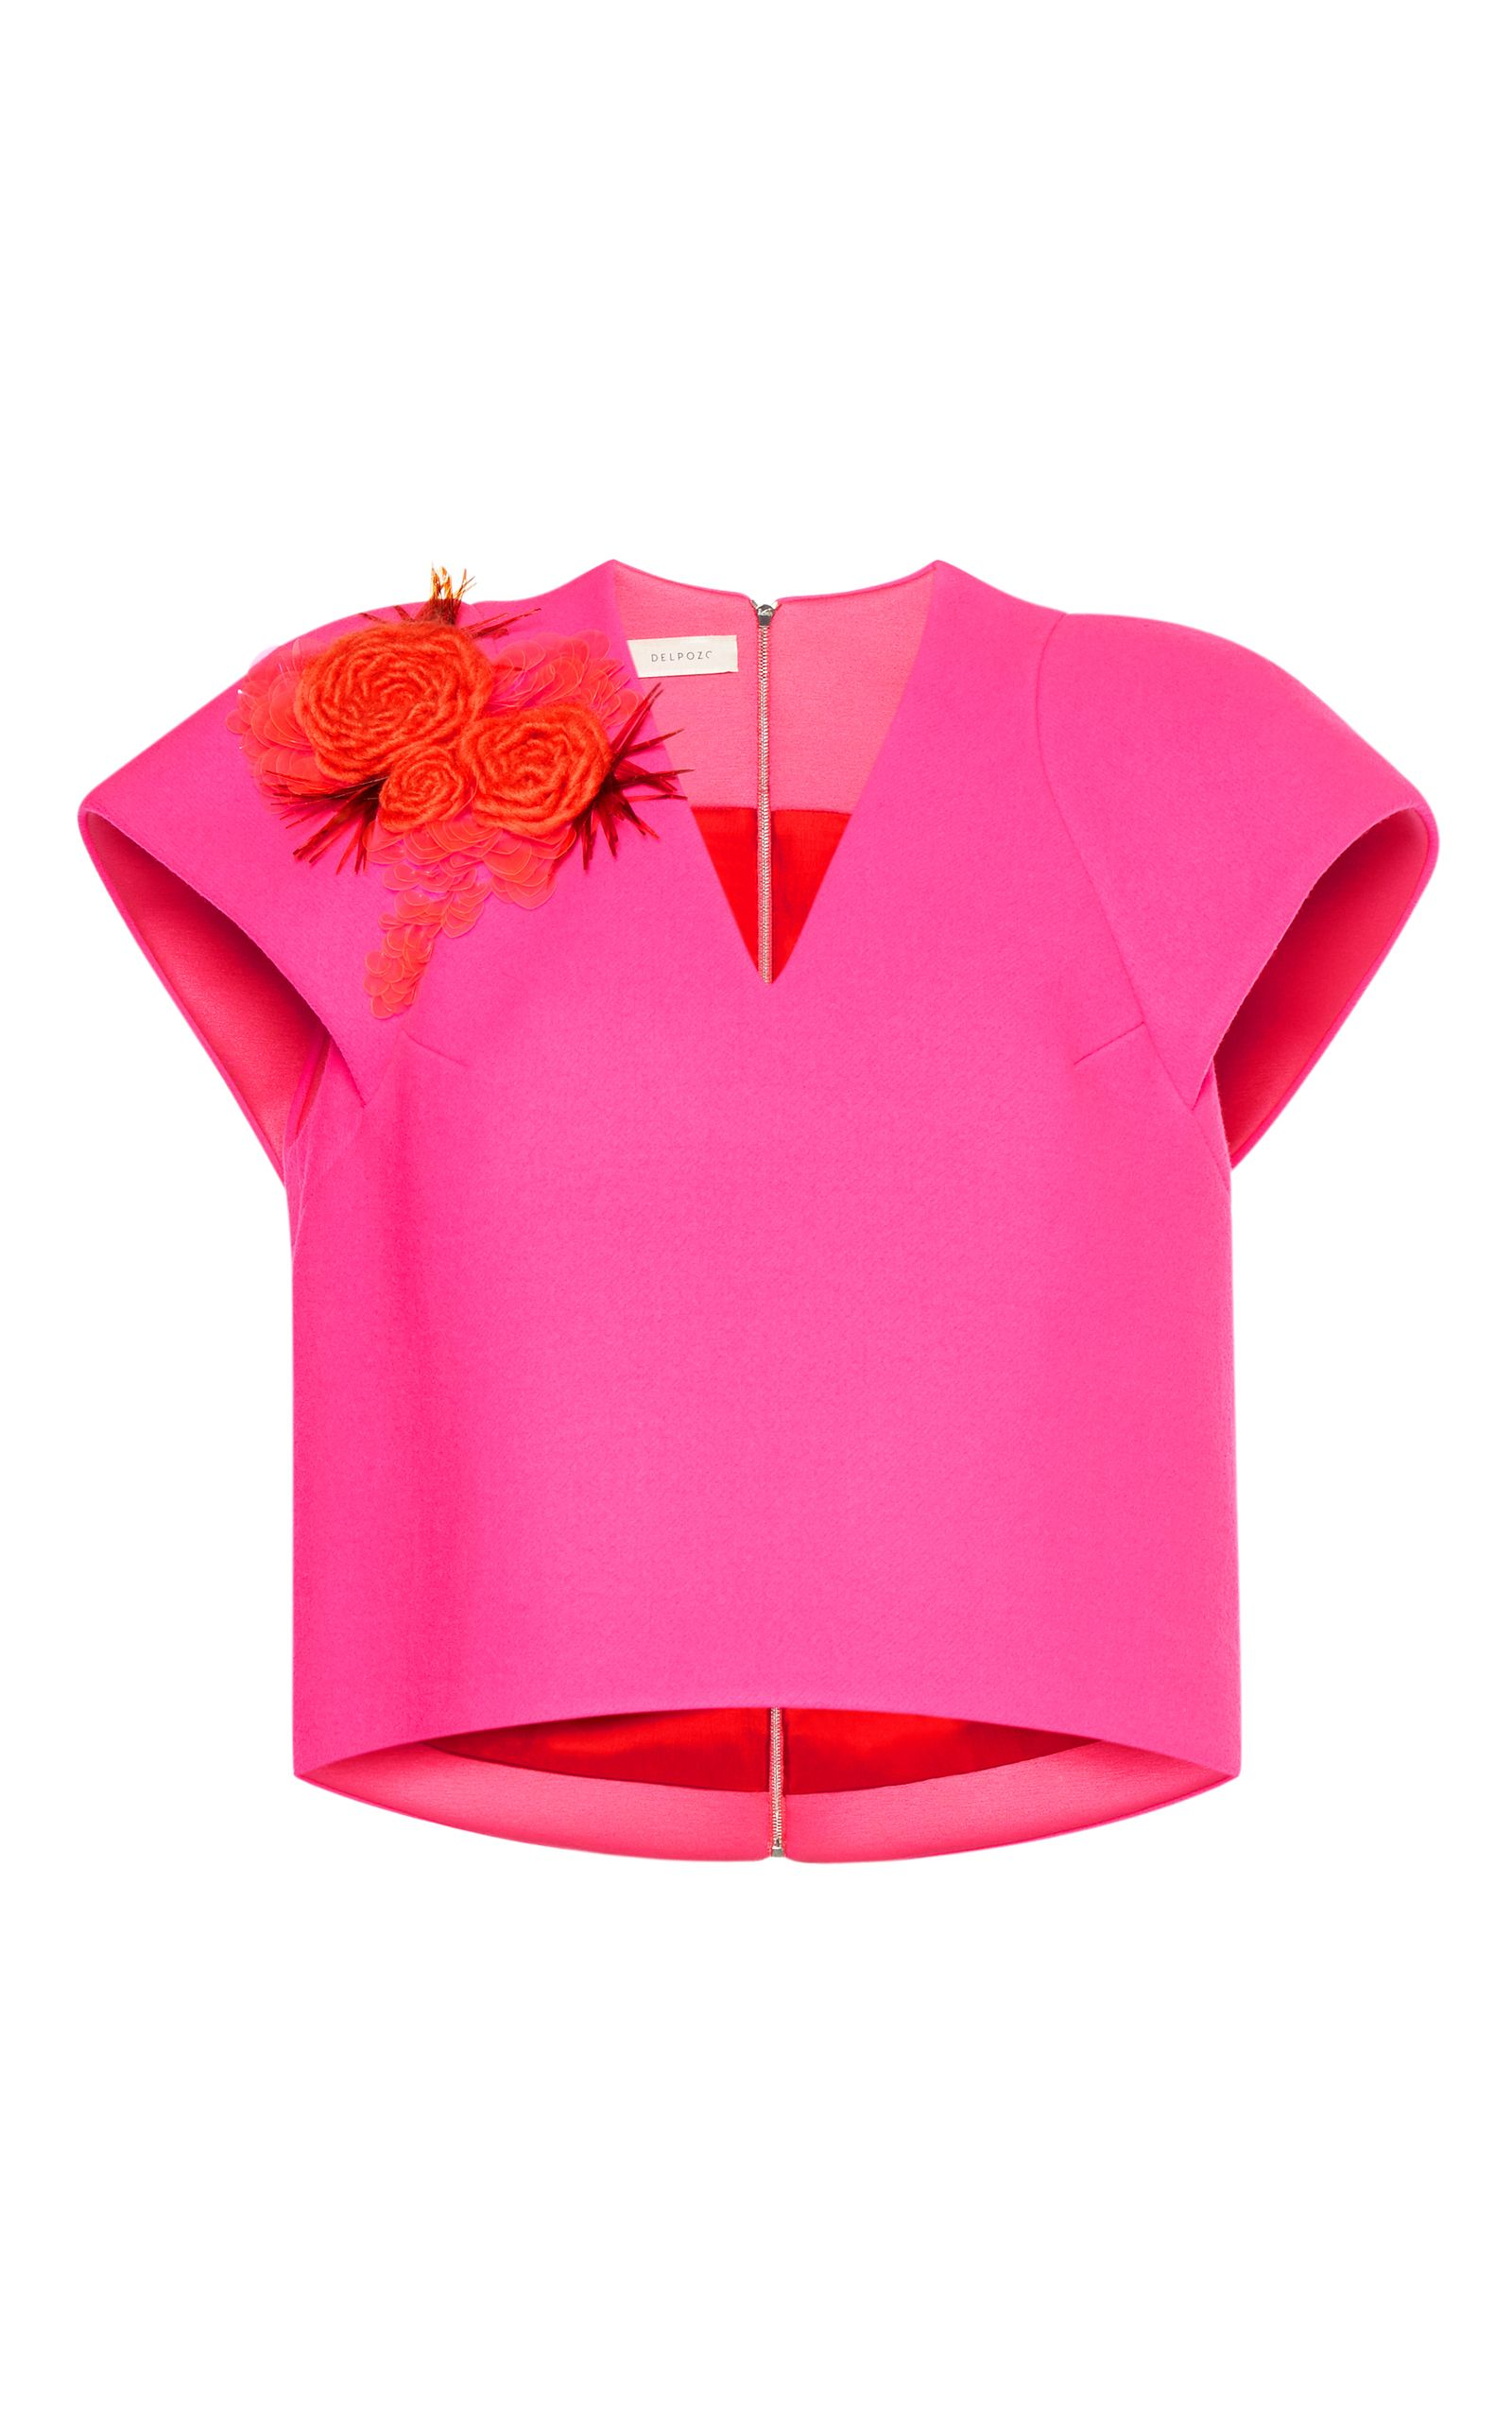 Delpozo Over cloth Shirt Embroidered delpozo UHXwrHZq